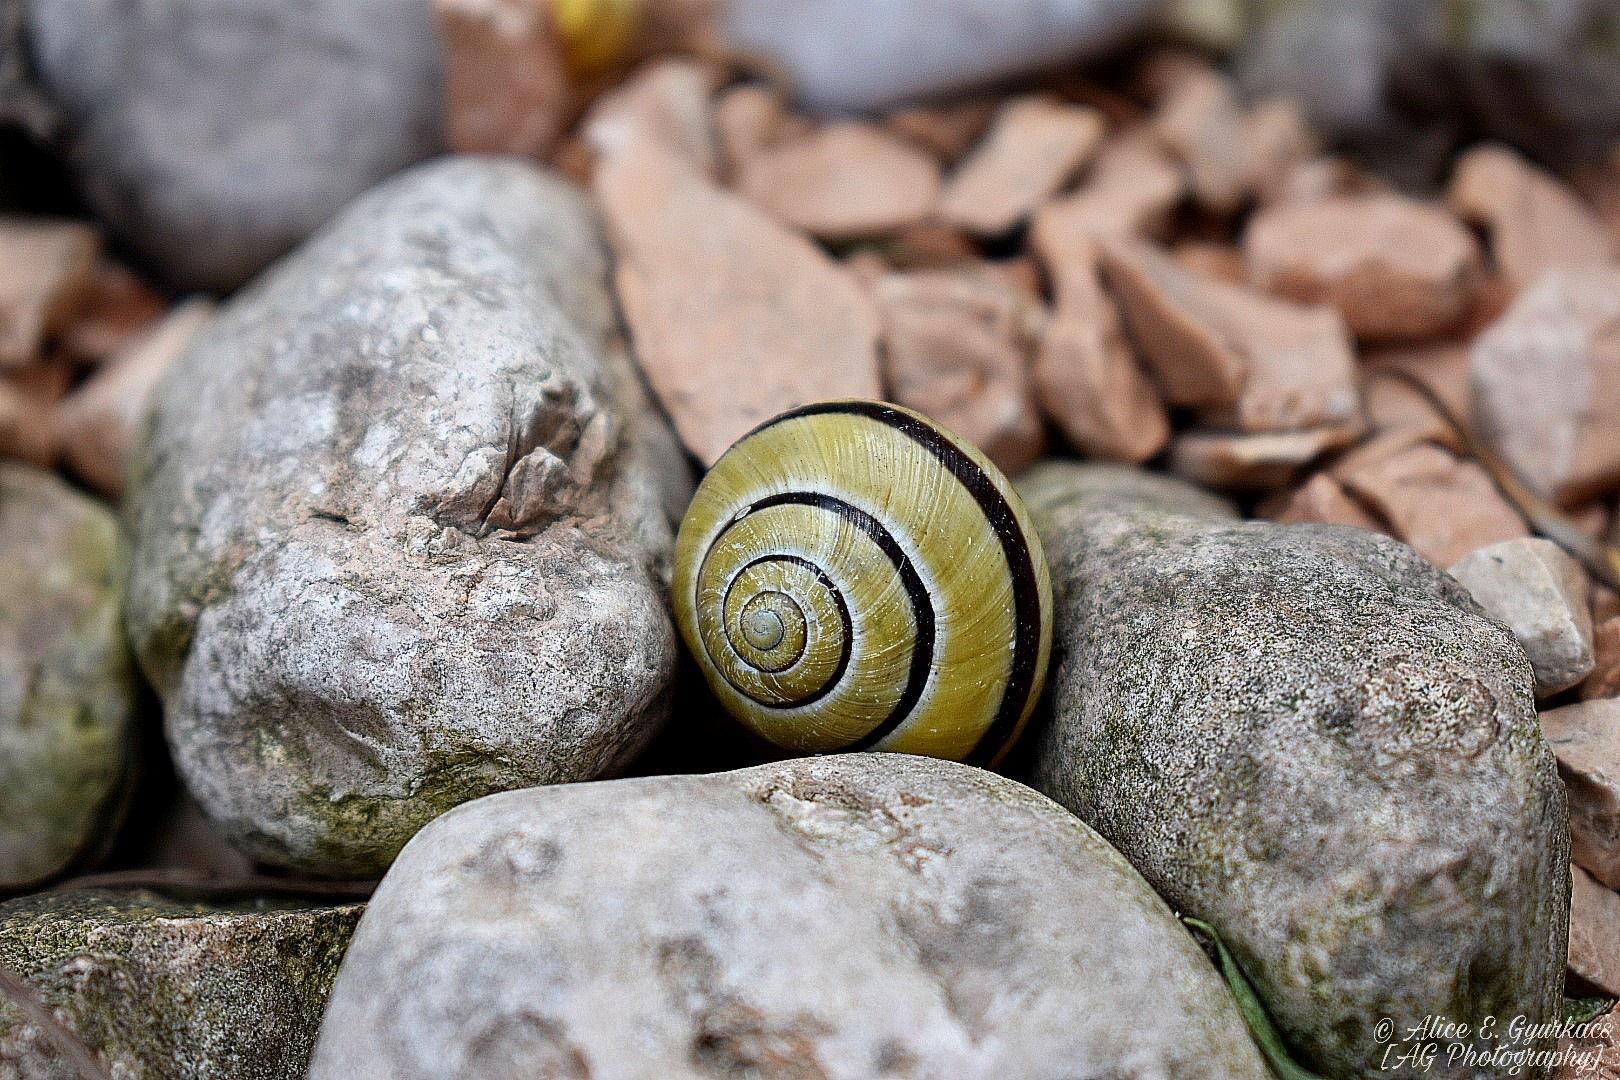 Snail ~ by Alice E. Gyurkacs